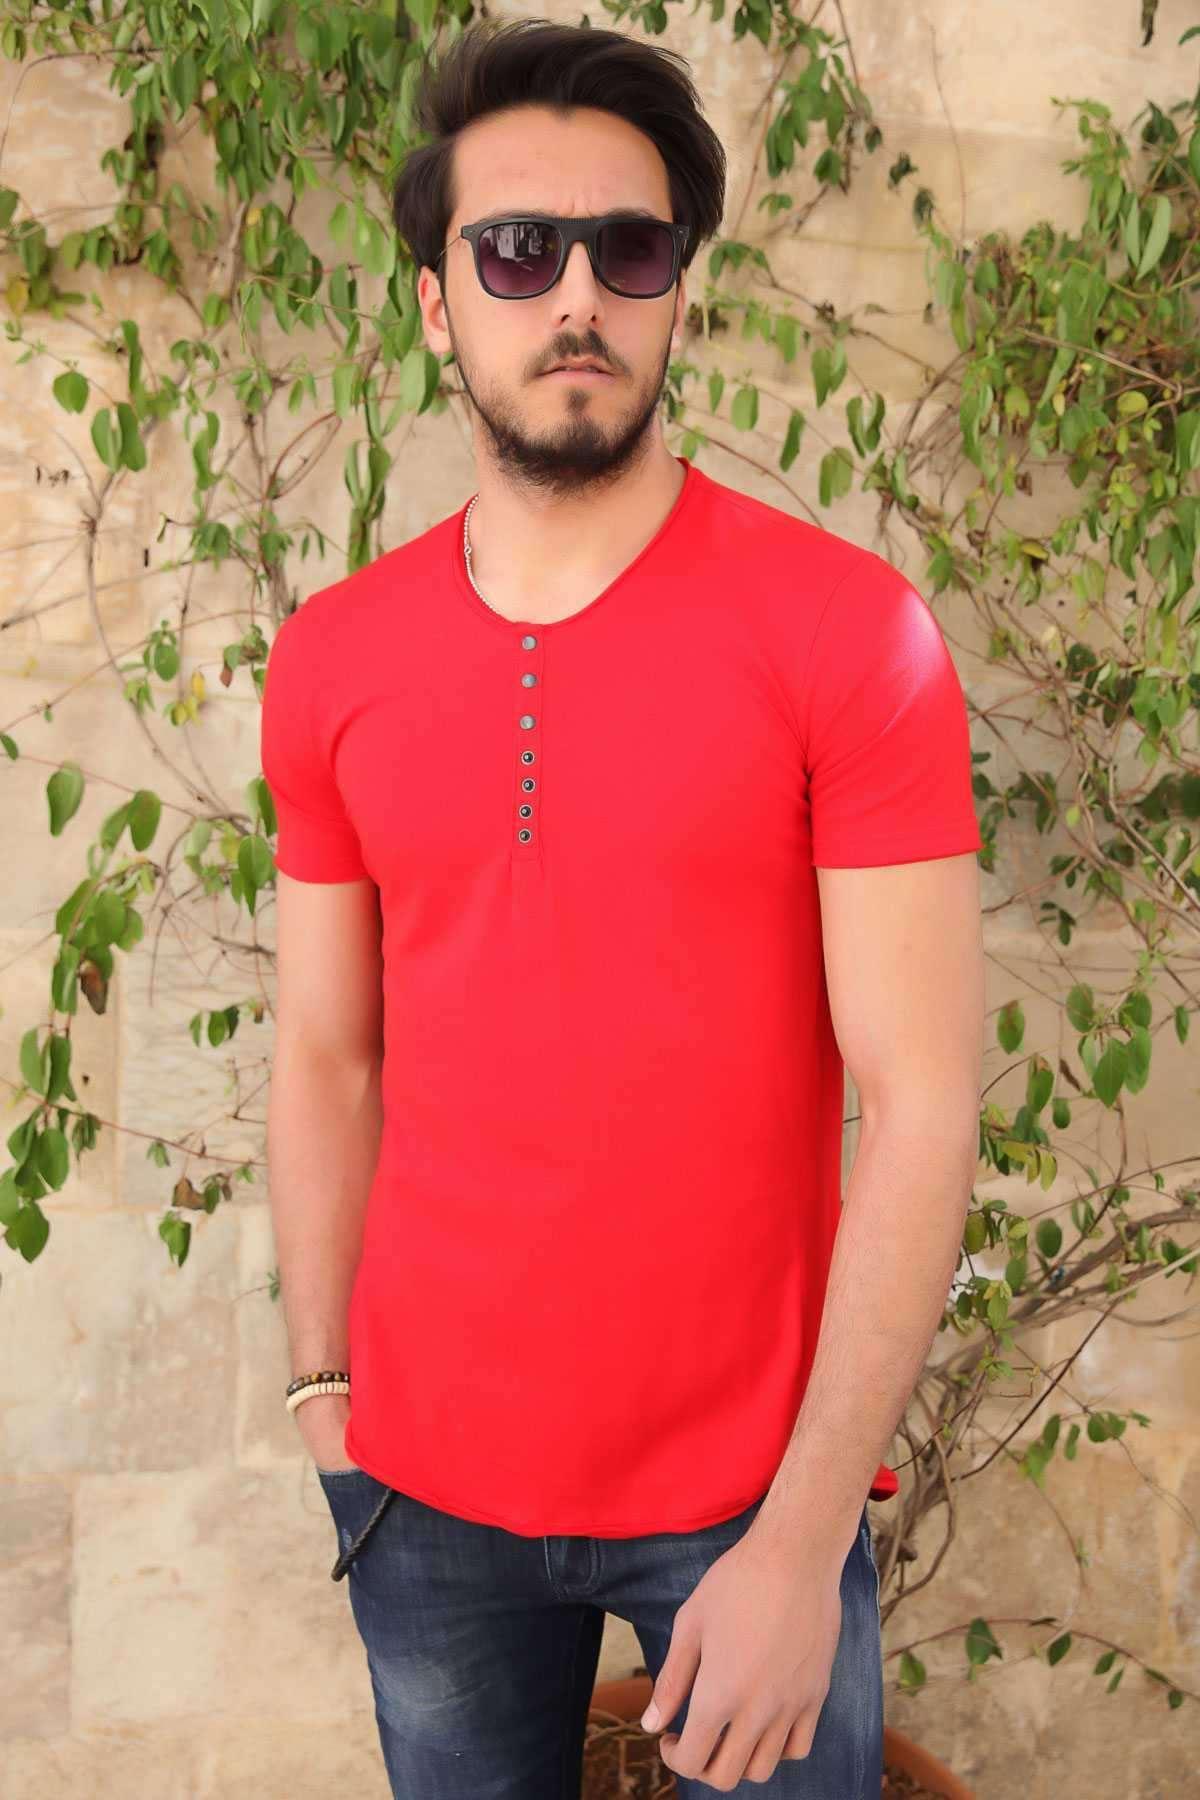 Yakası Çıtçıtlı Önü Kısa Arkası Uzun Pis Yaka Tişört Kırmızı